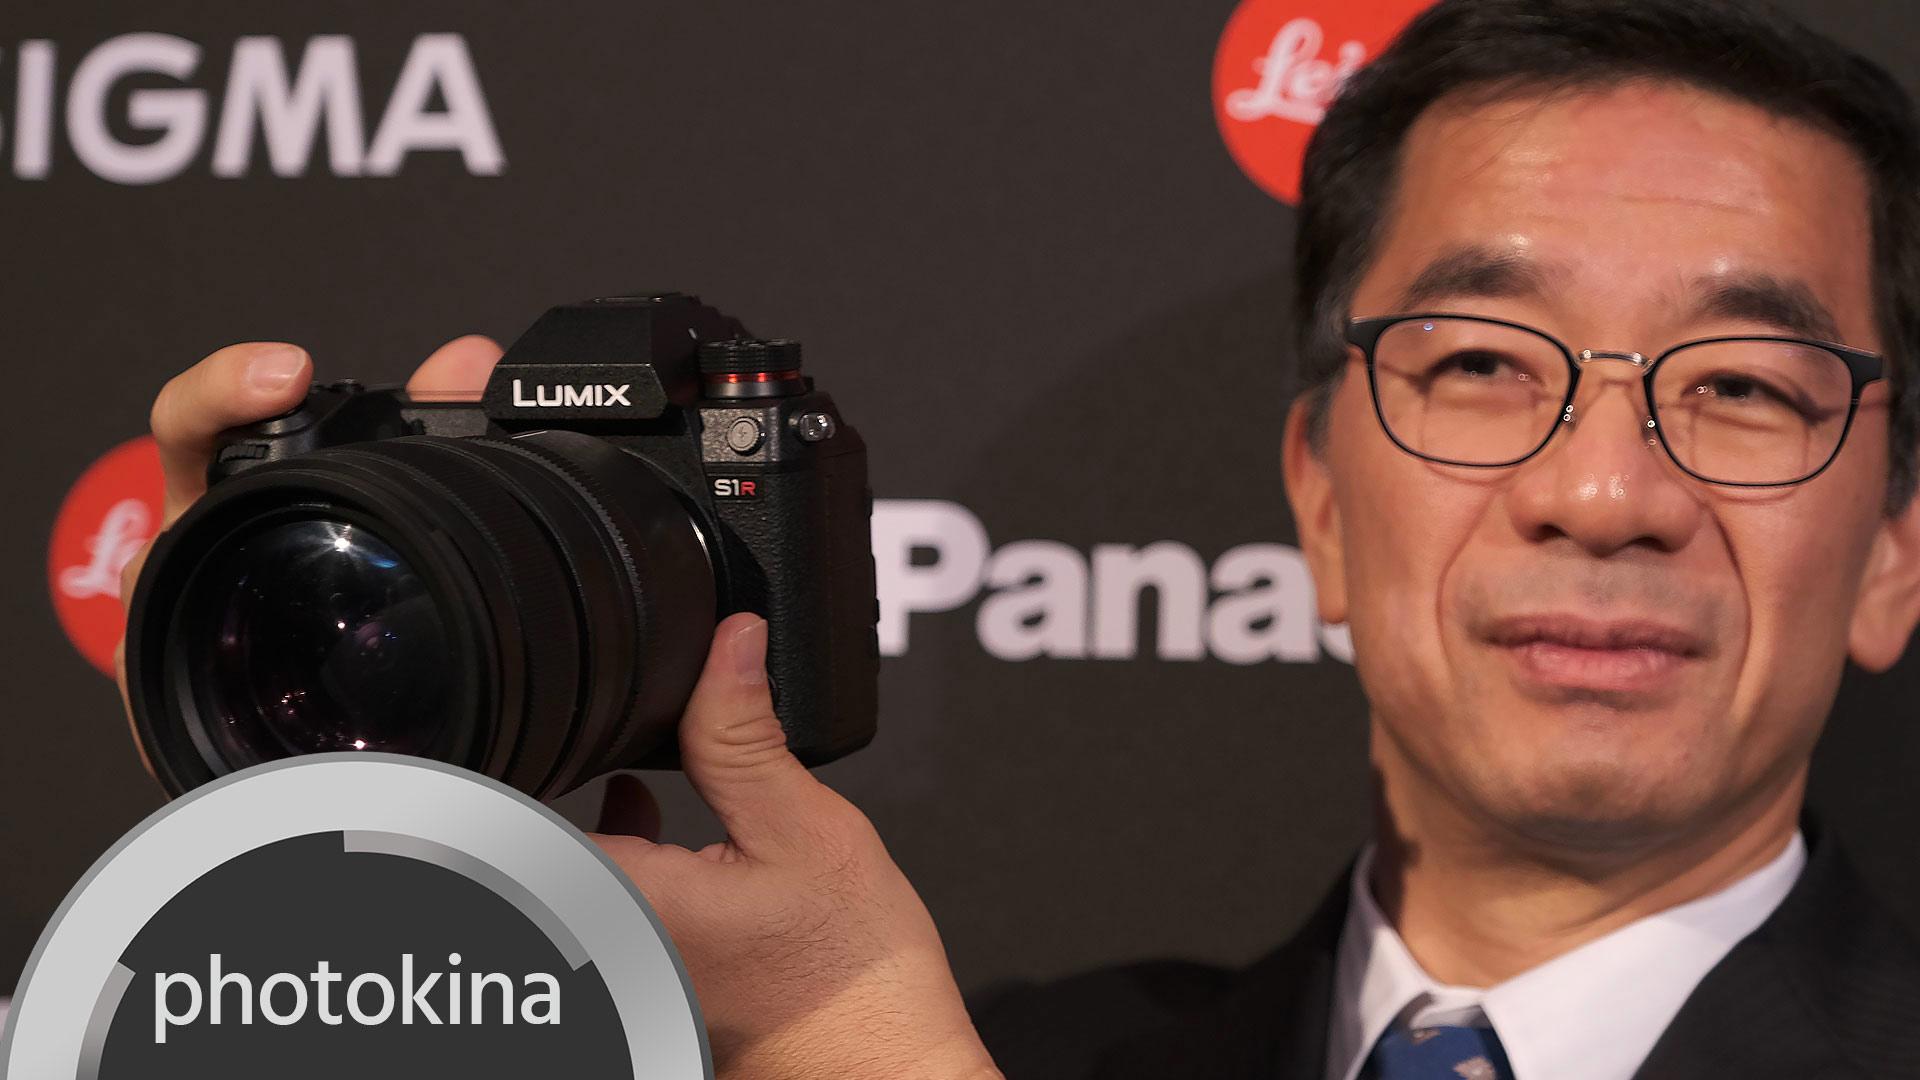 Sony Full Frame Lenses >> Panasonic LUMIX S Full Frame Cameras S1 and S1R Announced | cinema5D